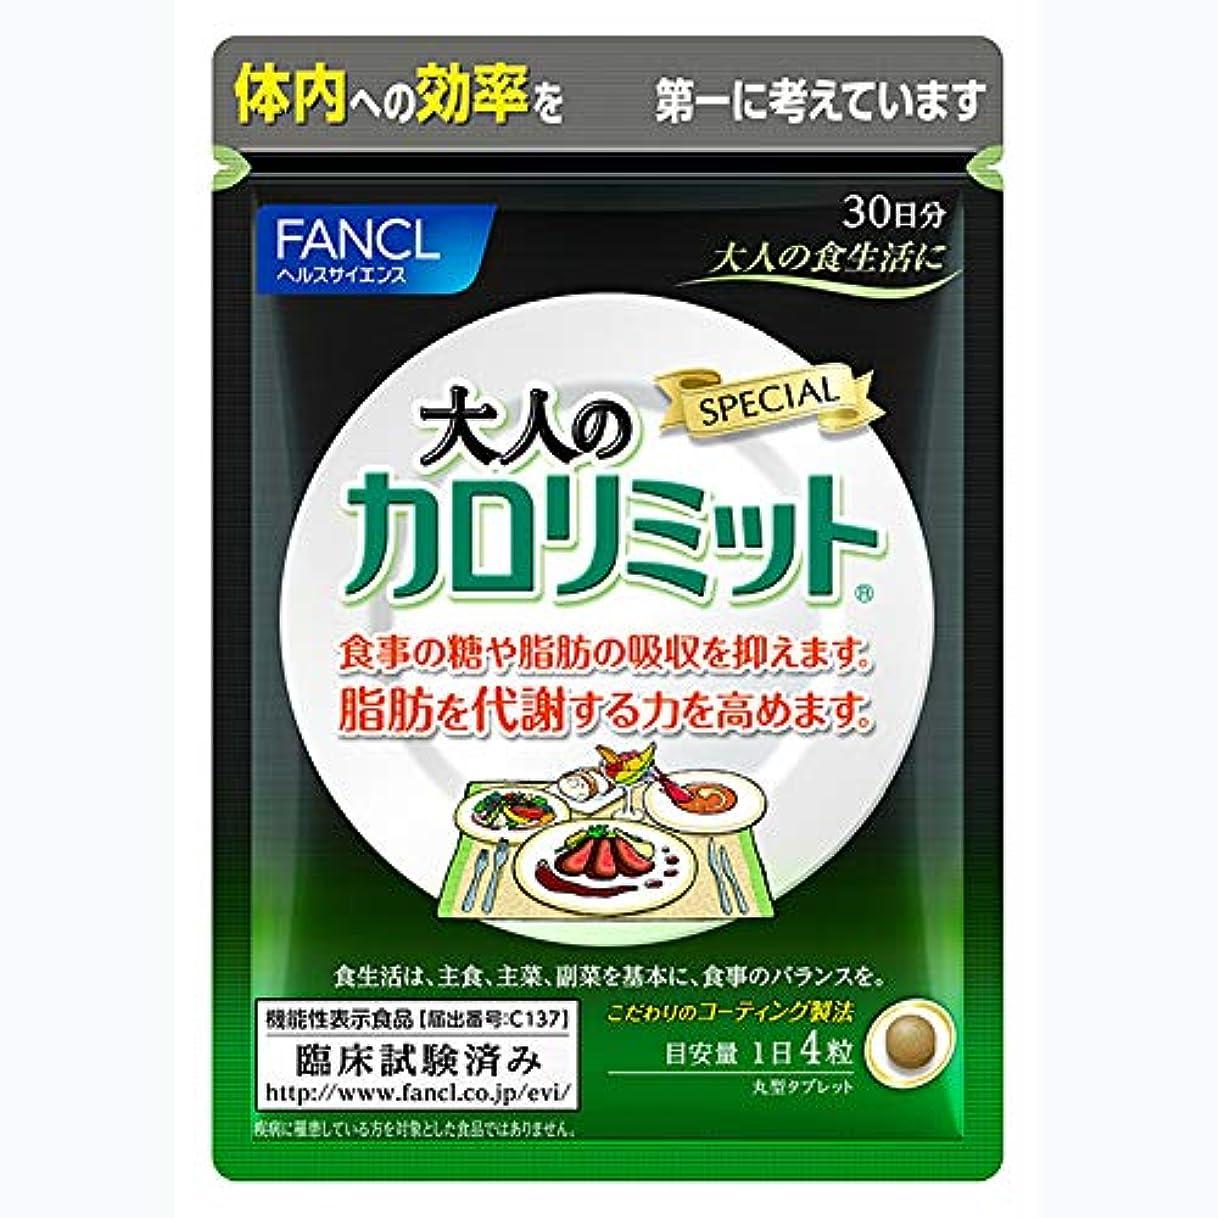 労働所有者分割ファンケル(FANCL) 大人のカロリミット [機能性表示食品] 30日分 120粒